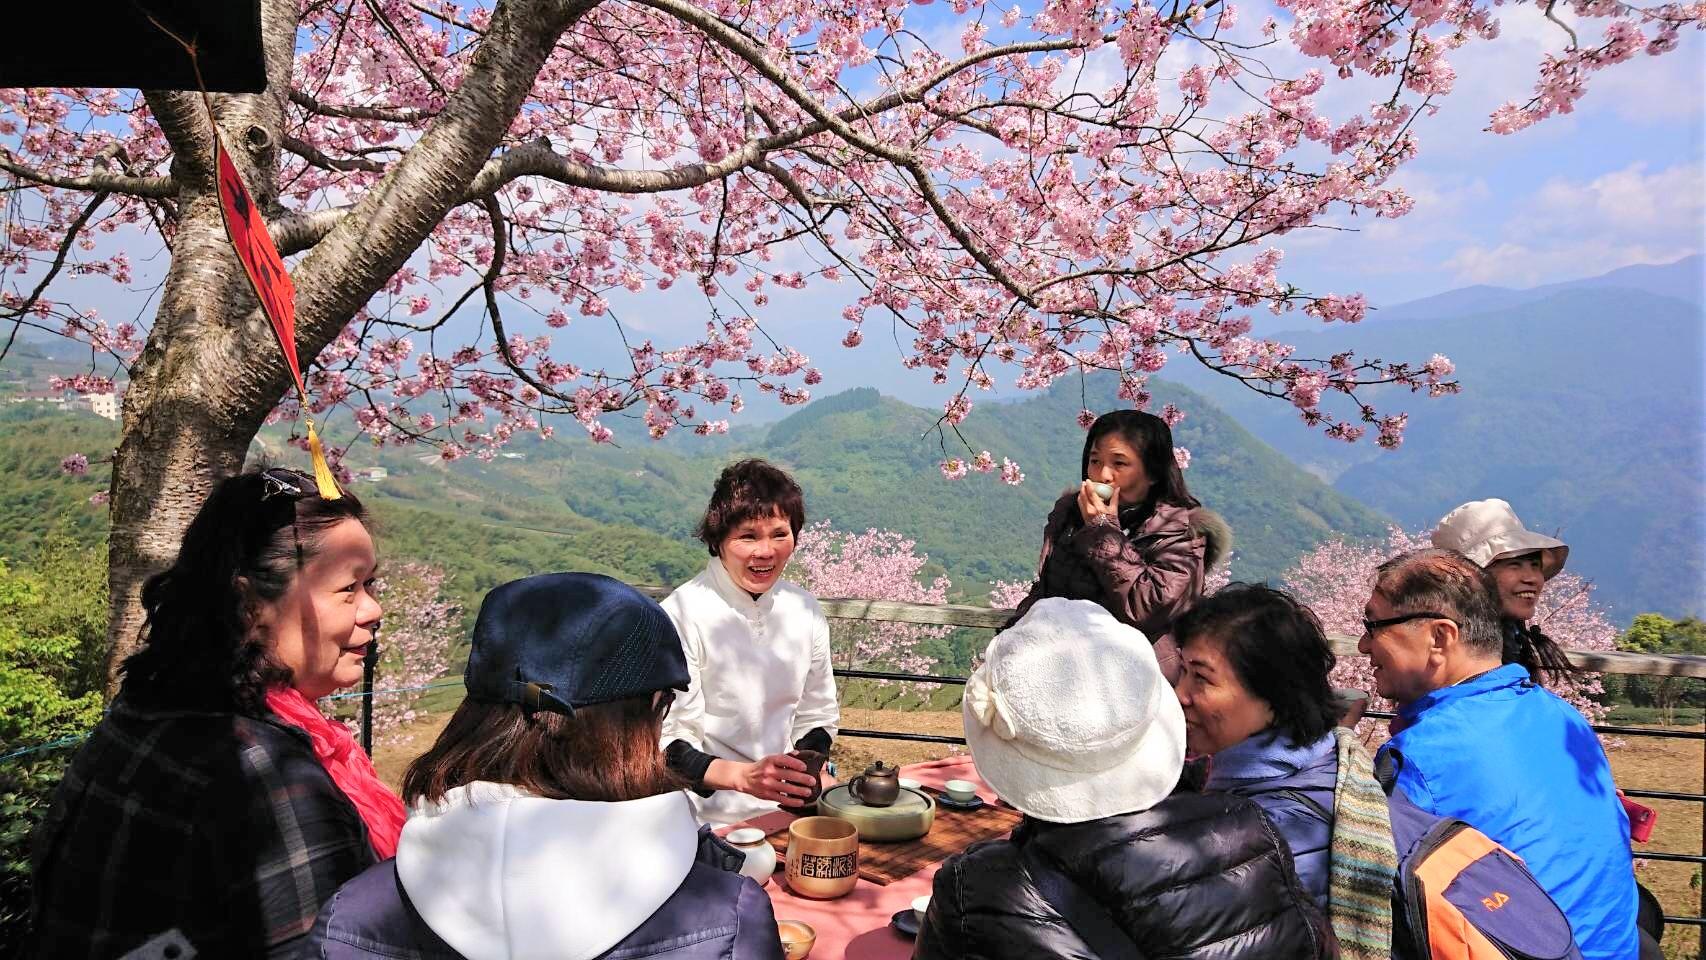 全台櫻花季賞櫻景點推薦-阿里山櫻花季。